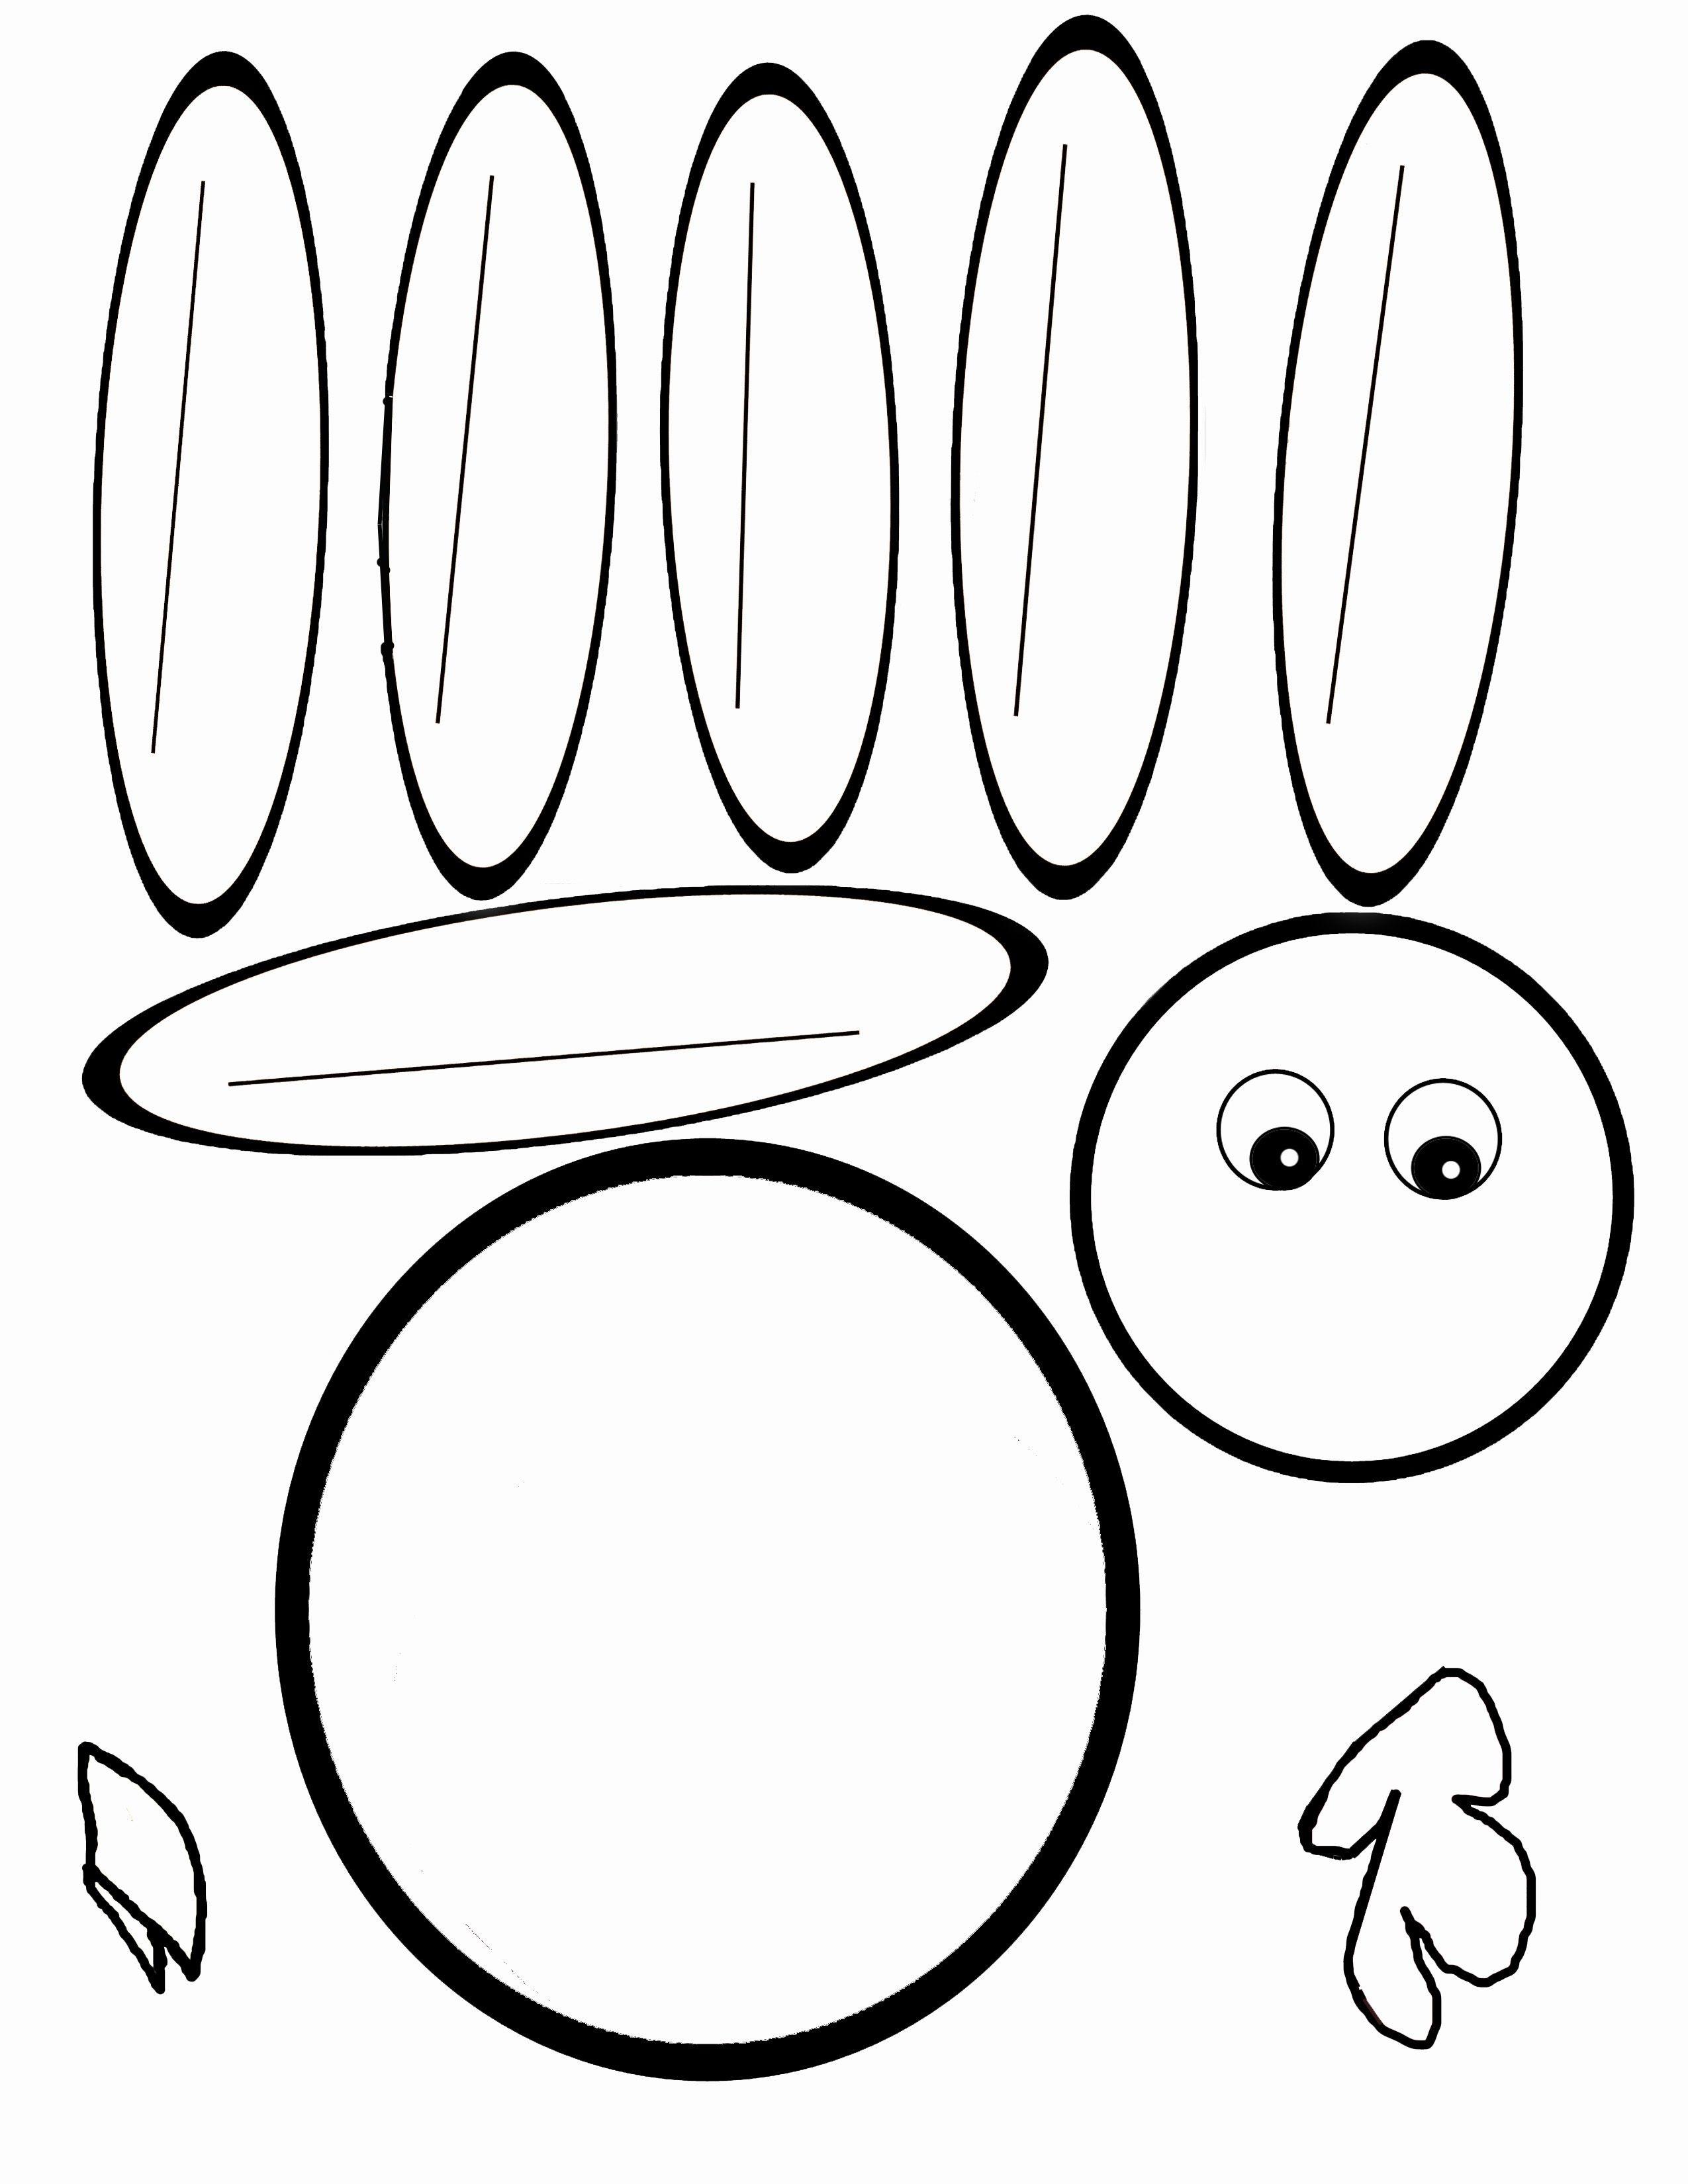 Scissor Cutting Turkey Template | Pediatric Ot | Turkey Template - Free Printable Thanksgiving Turkey Template